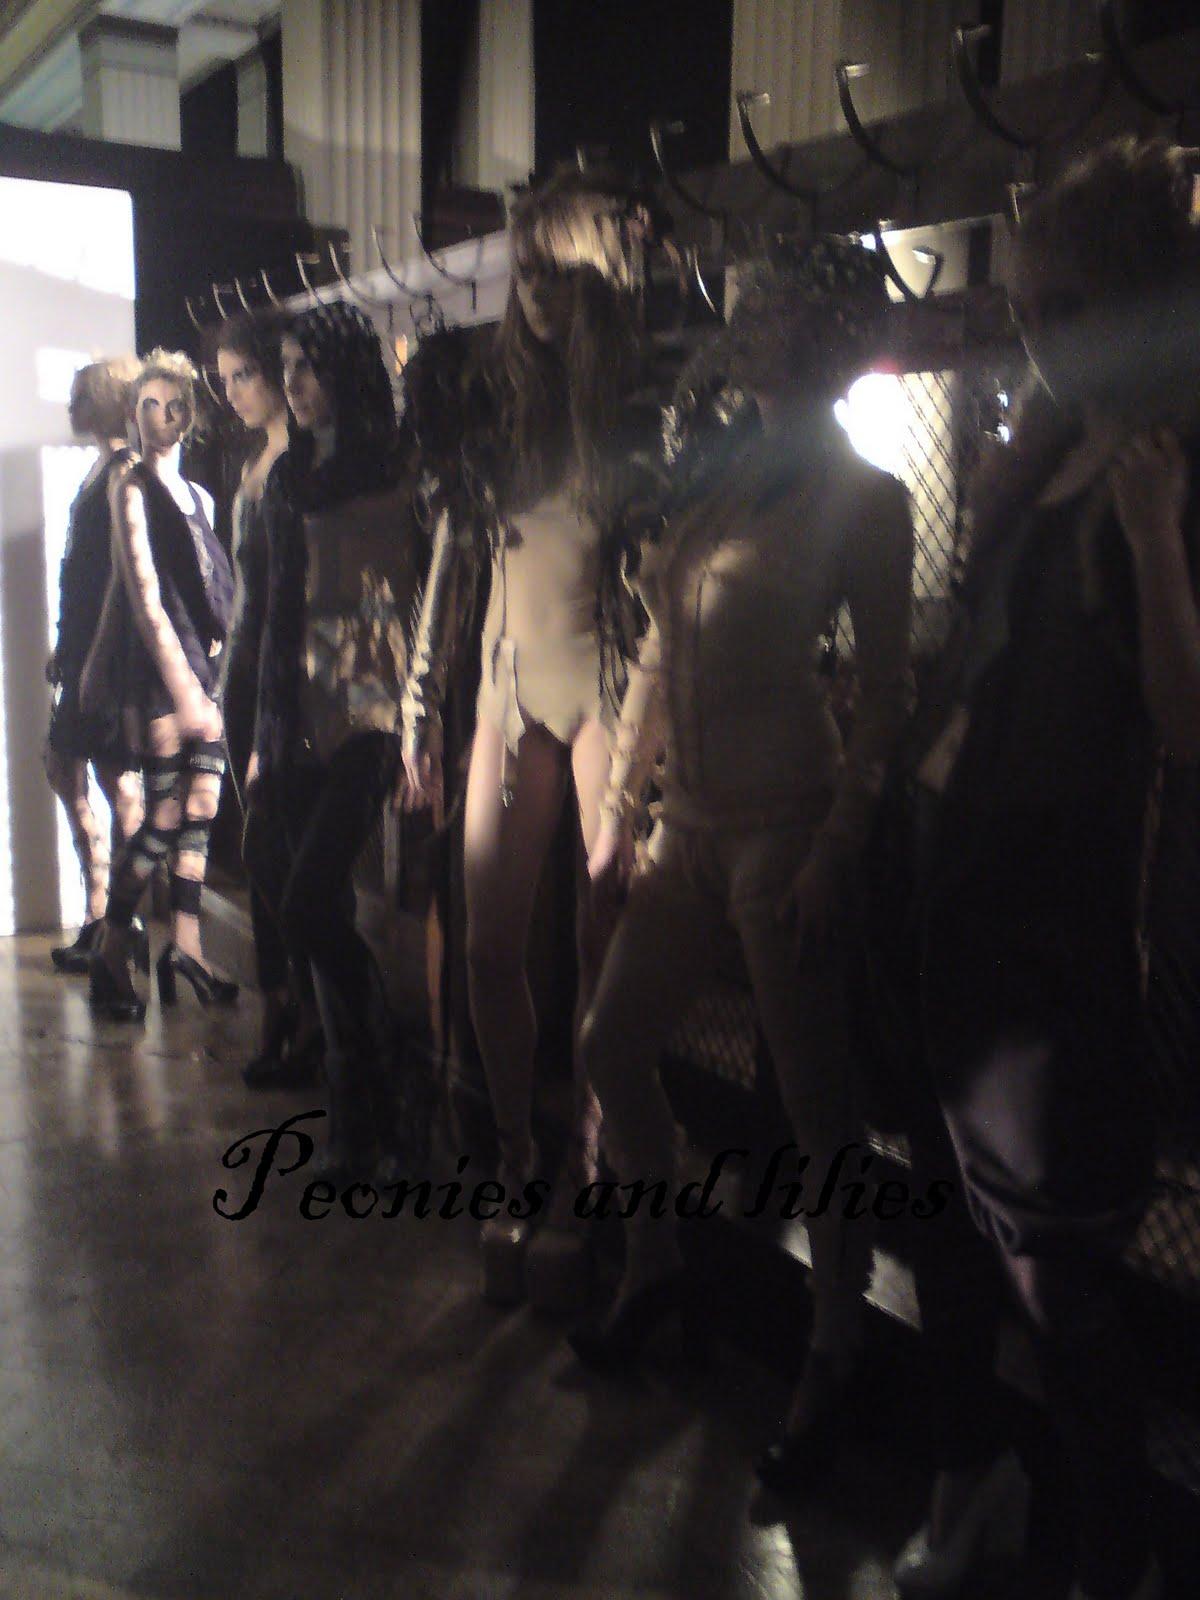 Fashion Show Backstage Nude 57